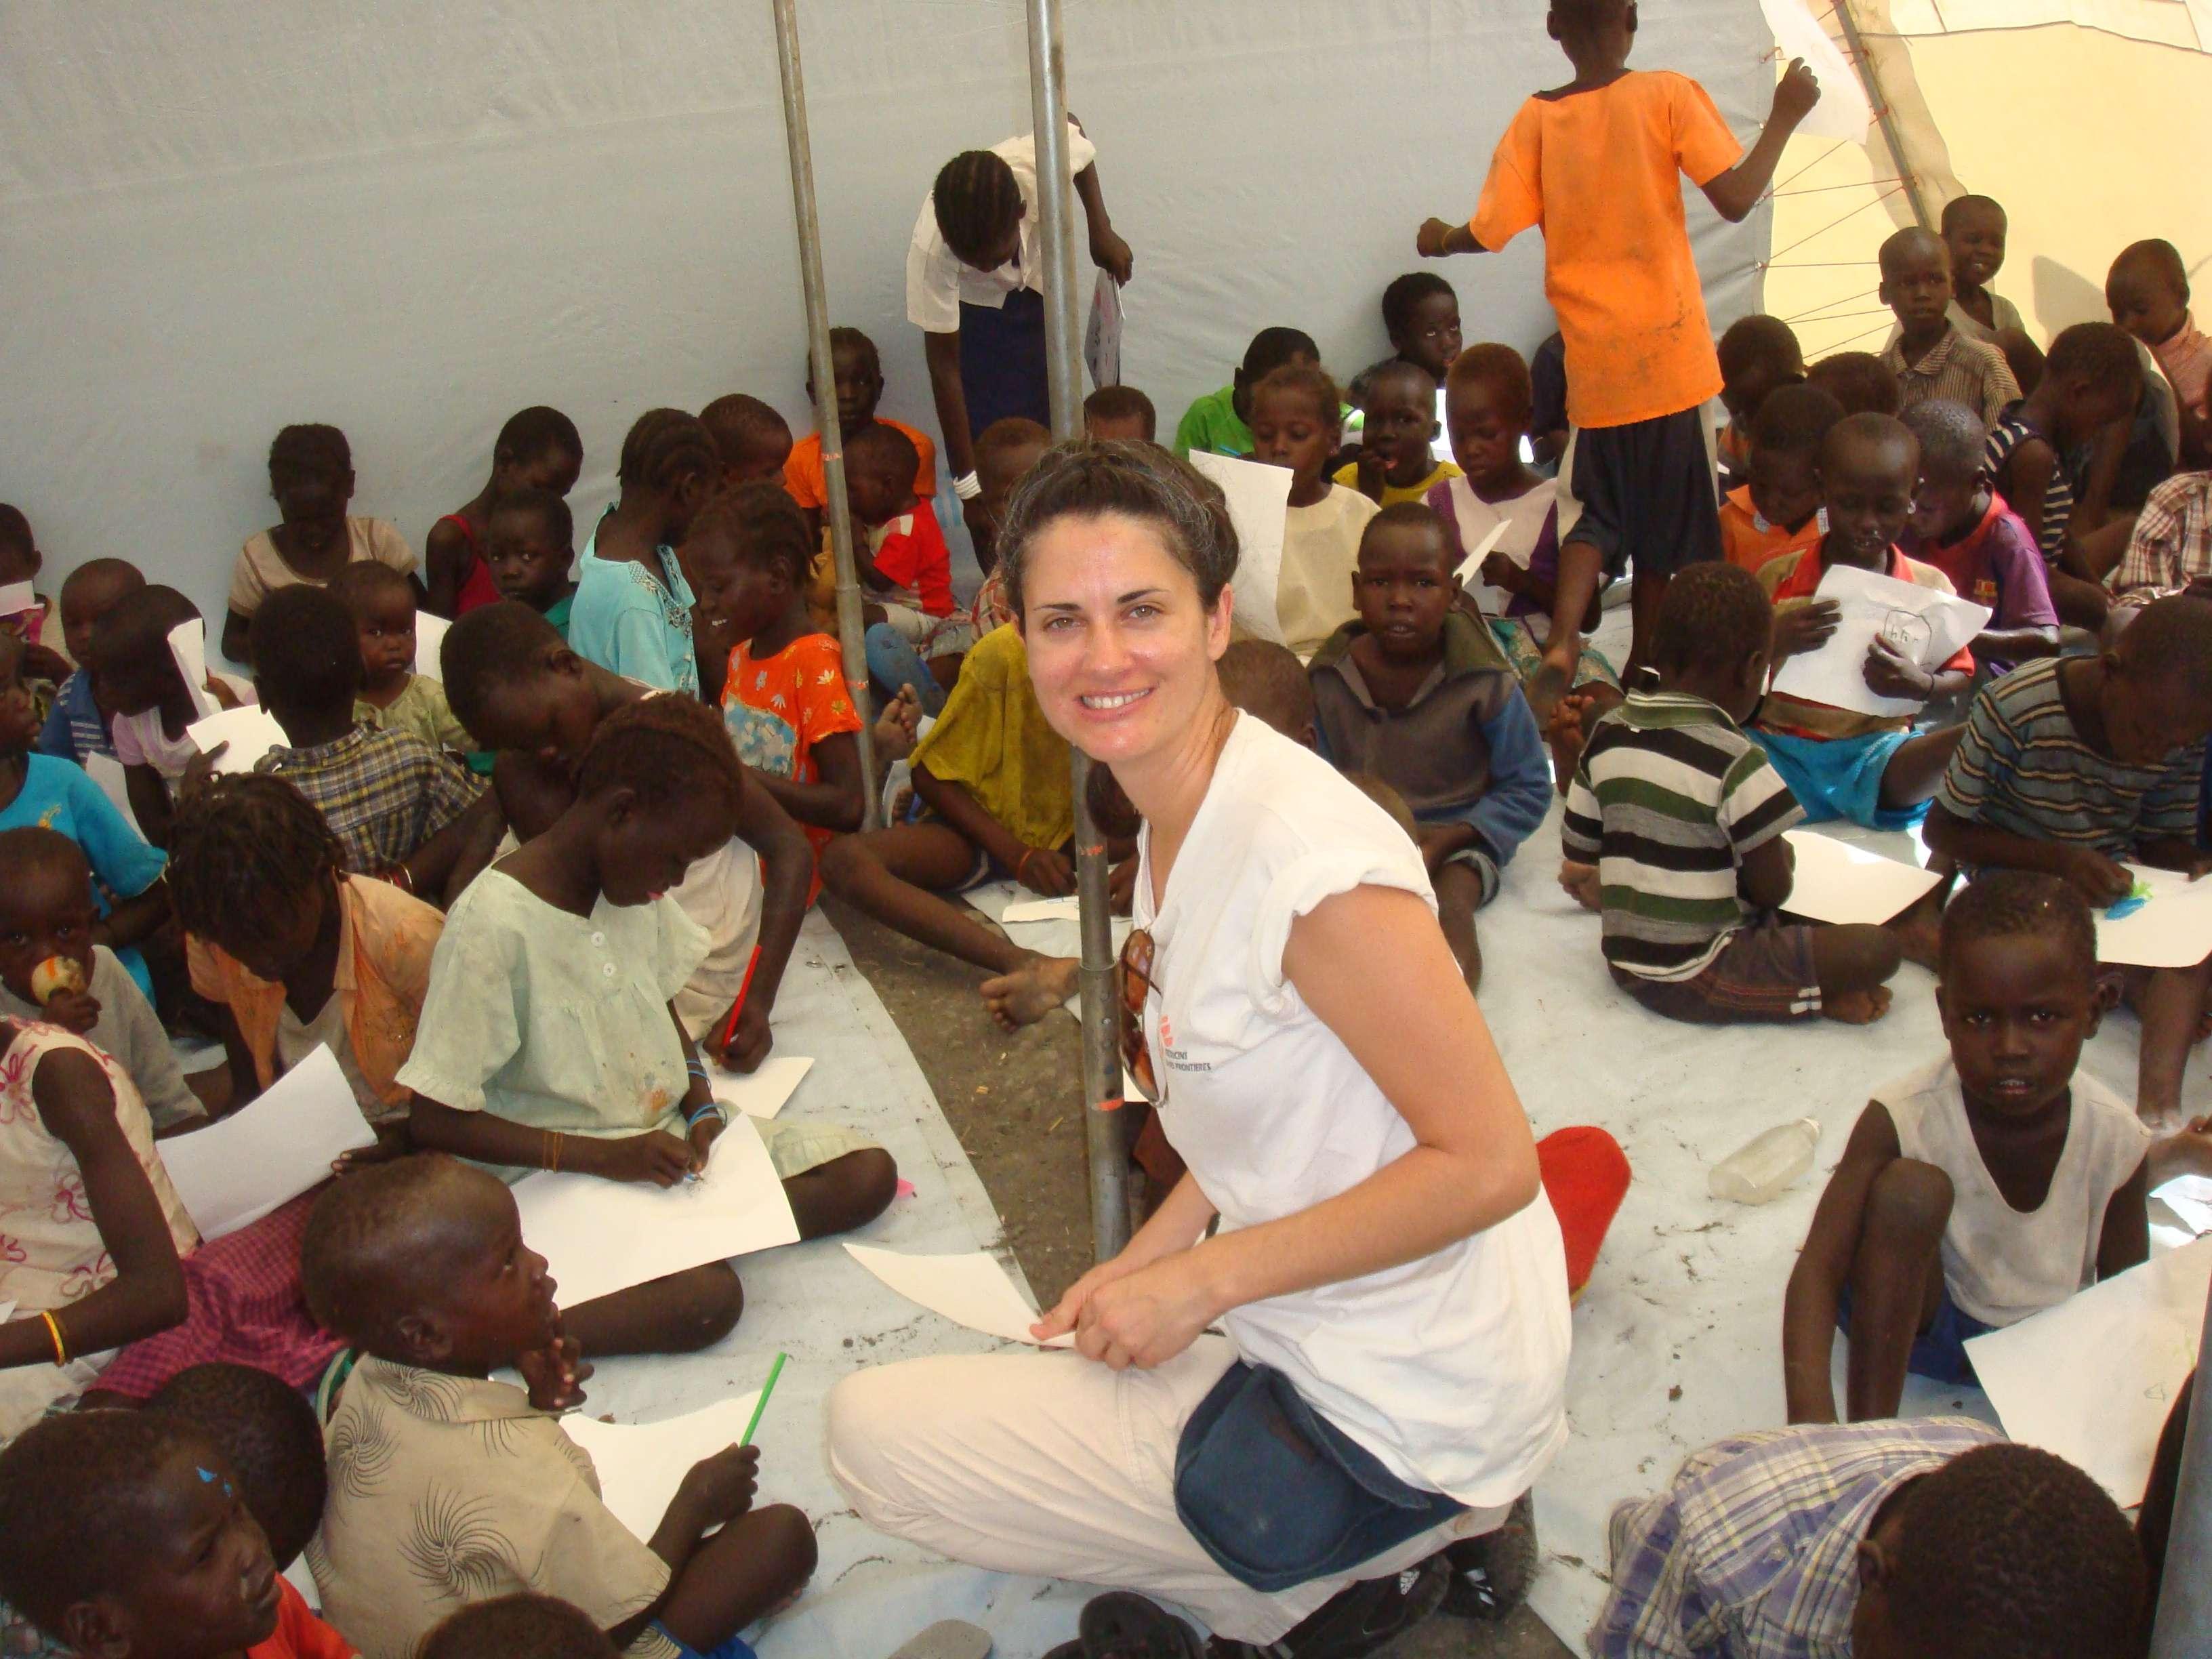 Débora diz que missão por ebola foi muito diferente das outras - na imagem, ela sorri ao lado de crianças do Sudão do Sul